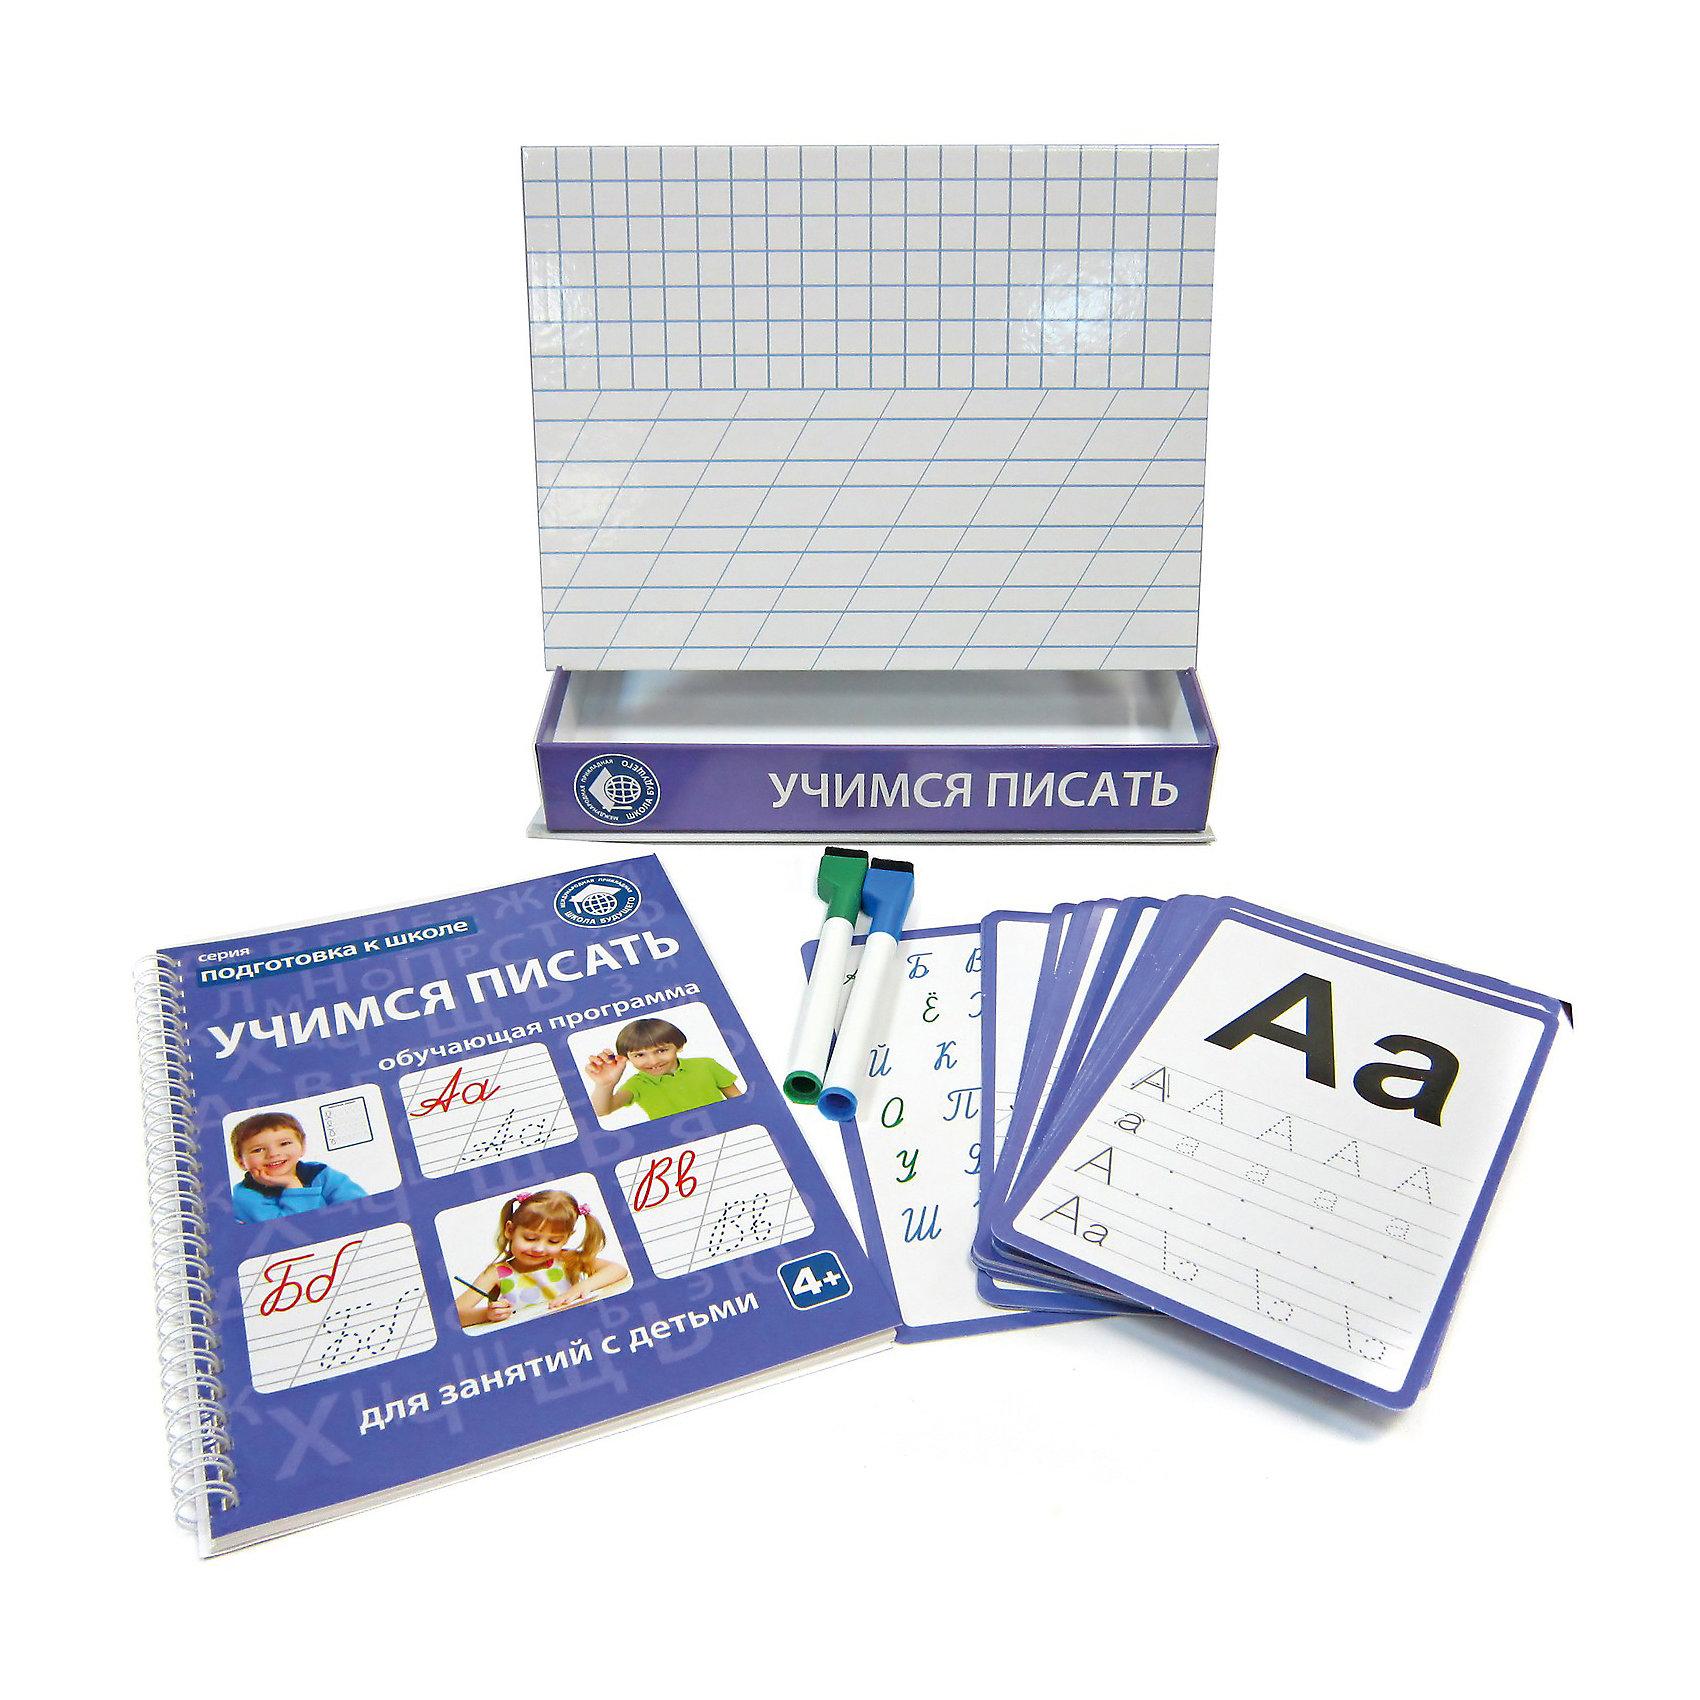 Обучающий набор «Учимся писать: от линии к букве»Обучающие карточки<br>Обучающий набор «УЧИМСЯ ПИСАТЬ: от линии к букве» - необходимая вещь при подготовке к школе. В наборе вы найдете красочные обучающие карточки, современные прописи, специальные маркеры «пиши-стирай», а также магнитную доску для занятий. Обучающая программа включает в себя огромное количество упражнений, которые помогут развить моторику и концентрацию внимания. Ребенок научится обводить по контуру буквы, проводить прямые линии, рисовать по клеточкам и точкам, дорисовывать недостающие части рисунка и многое другое.<br>В комплект входит: 1  доска для занятий, 40 обучающих карточек, 2  маркера «пиши-стирай», обучающая программа (книжка для родителей).<br>Набор продается в картонной коробке. Ее размер: 20,3х26,5х4,5 см.<br>Рекомендуется детям старше 4 лет.<br><br>Ширина мм: 265<br>Глубина мм: 45<br>Высота мм: 203<br>Вес г: 954<br>Возраст от месяцев: 36<br>Возраст до месяцев: 72<br>Пол: Унисекс<br>Возраст: Детский<br>SKU: 5426453